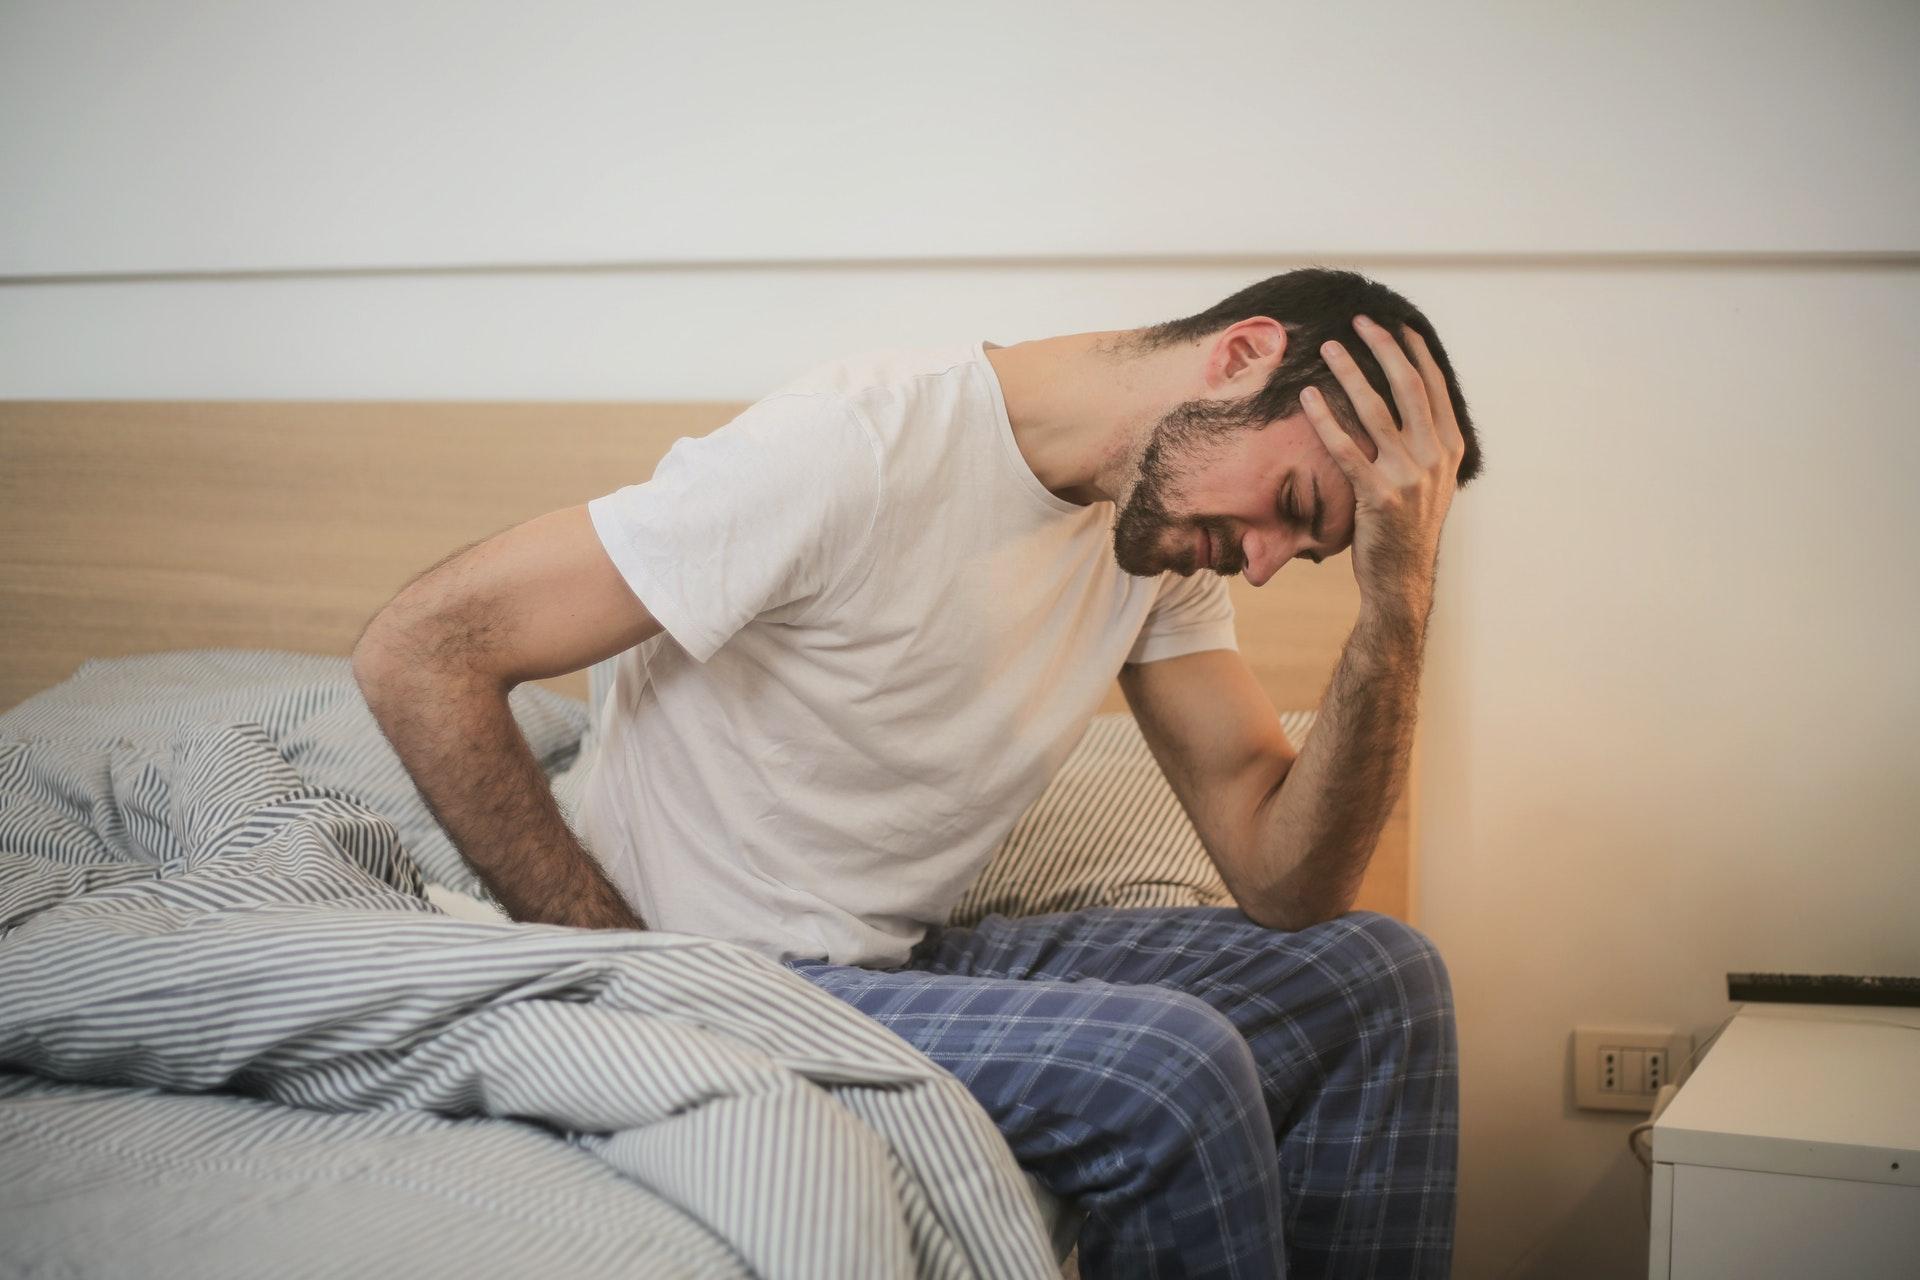 Cáncer gástrico: causas, síntomas y posibles tratamientos